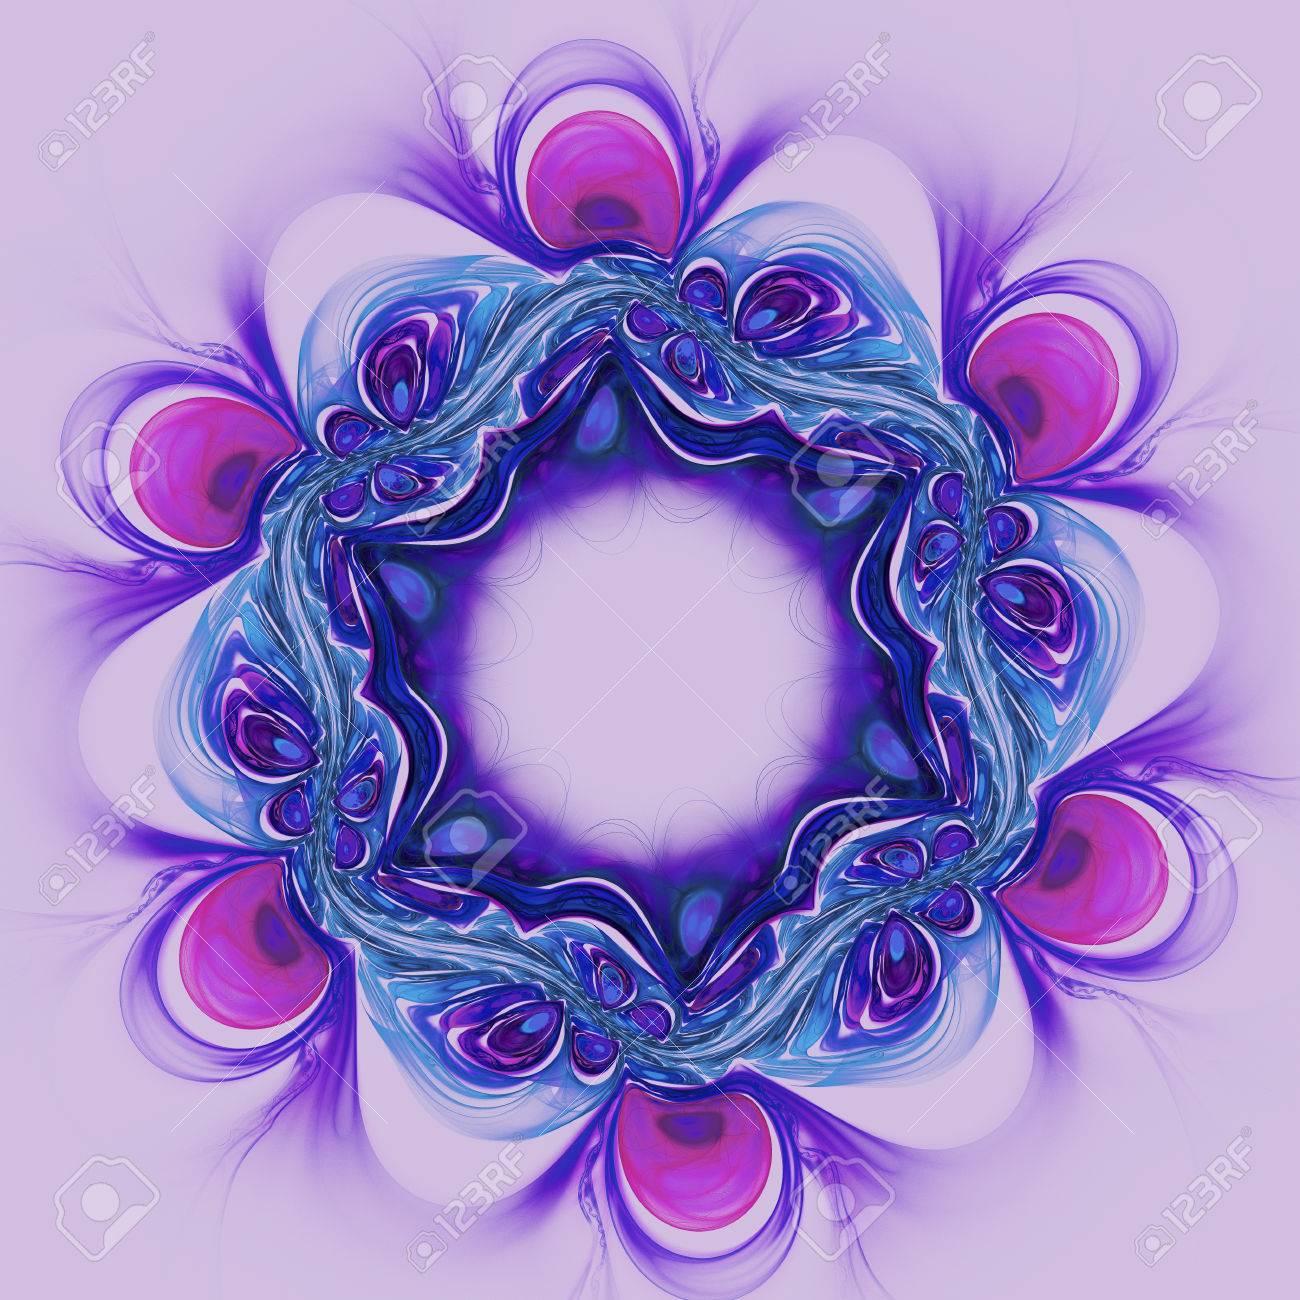 Abstrakt Vilet Blume Auf Lila Hintergrund. Fractal-Grafik Für ...